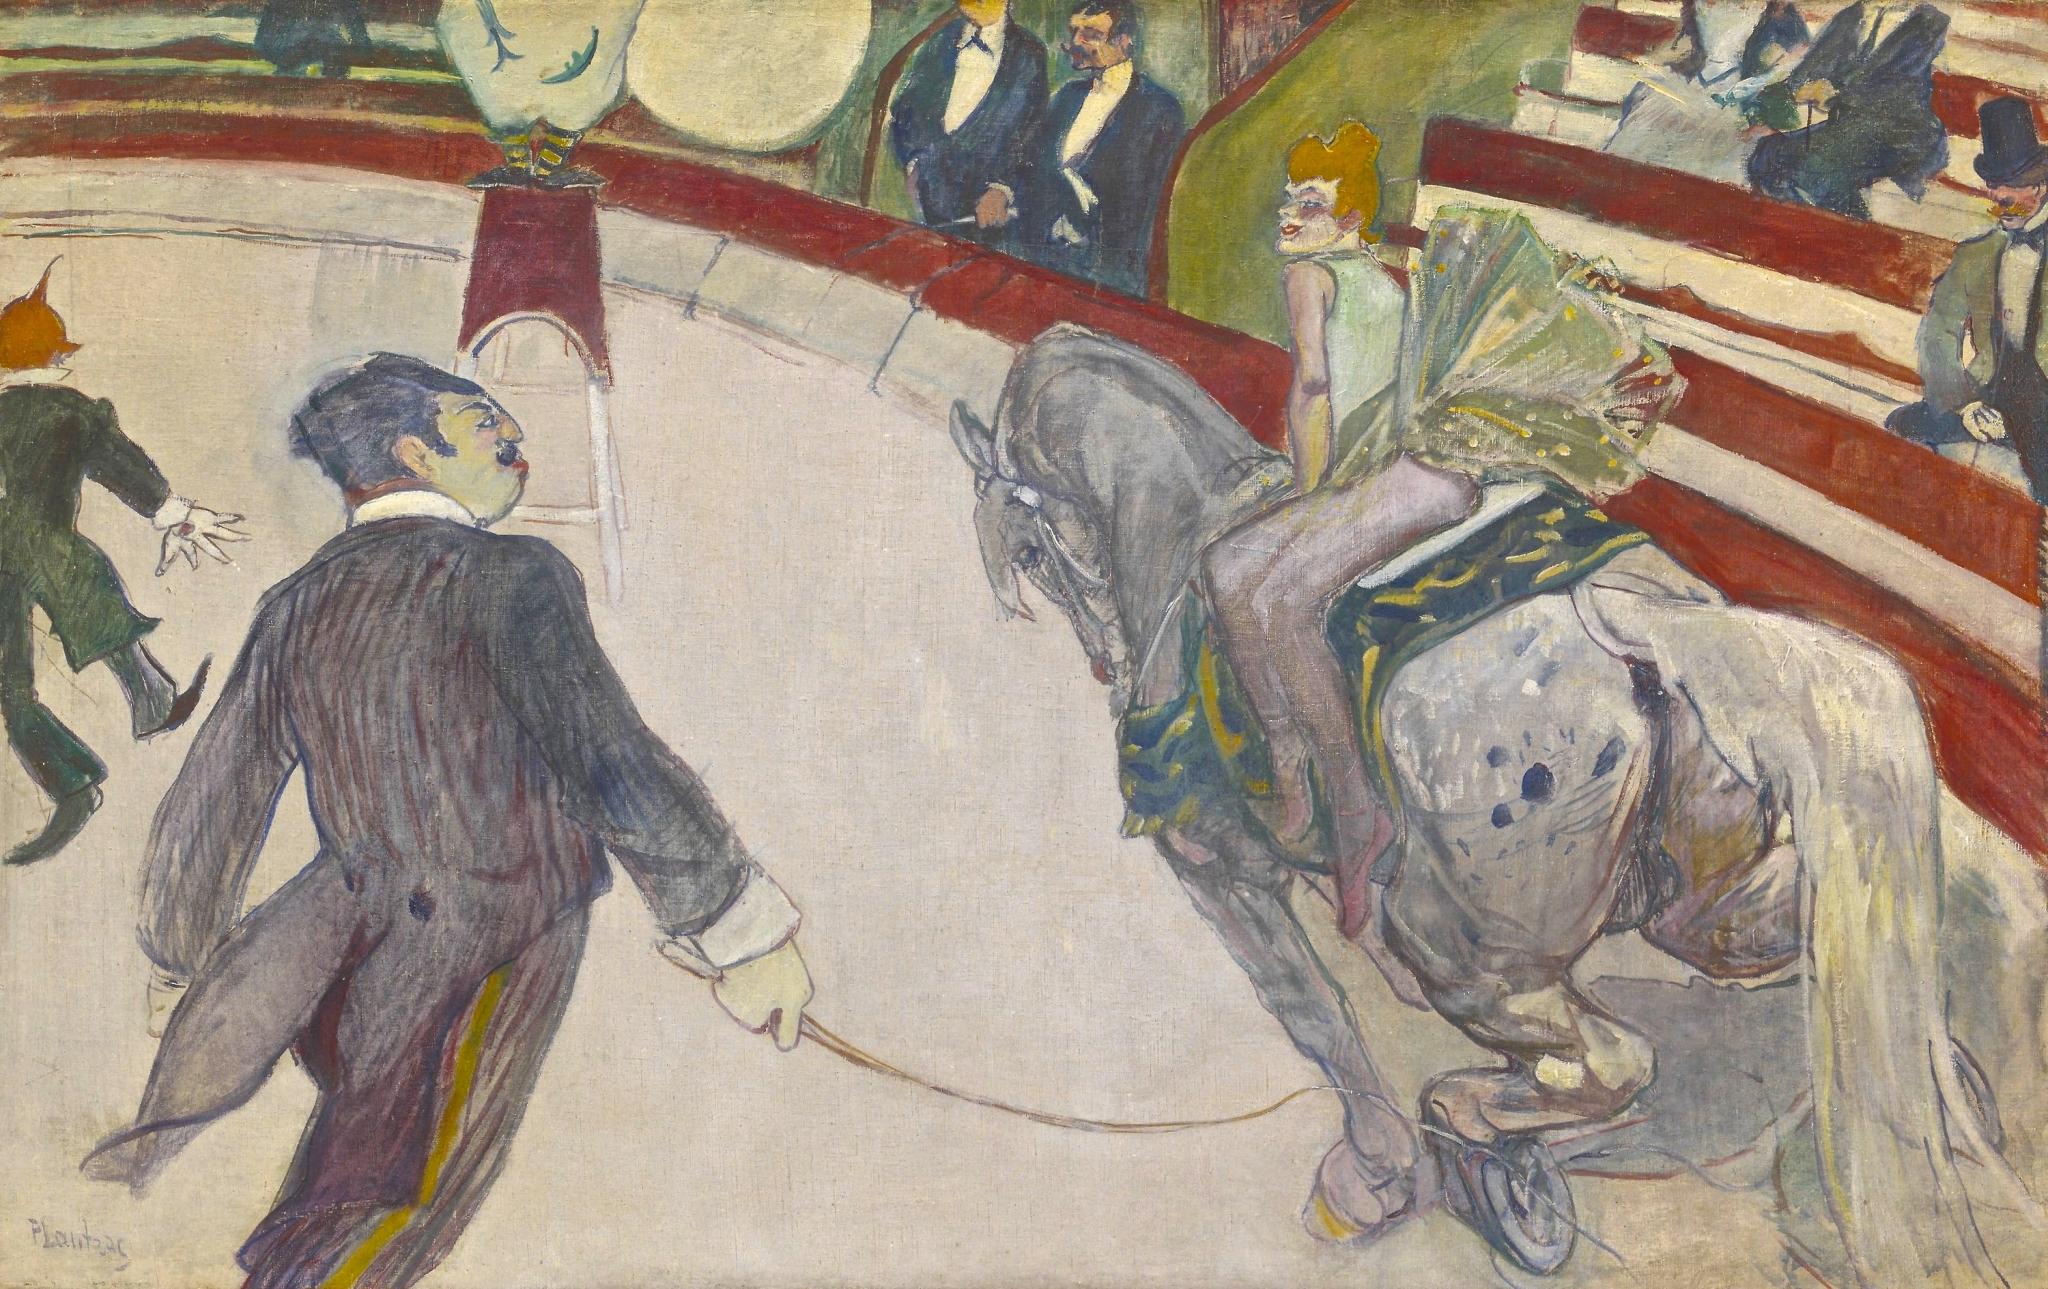 peinture, Toulouse-Lautrec, cirque